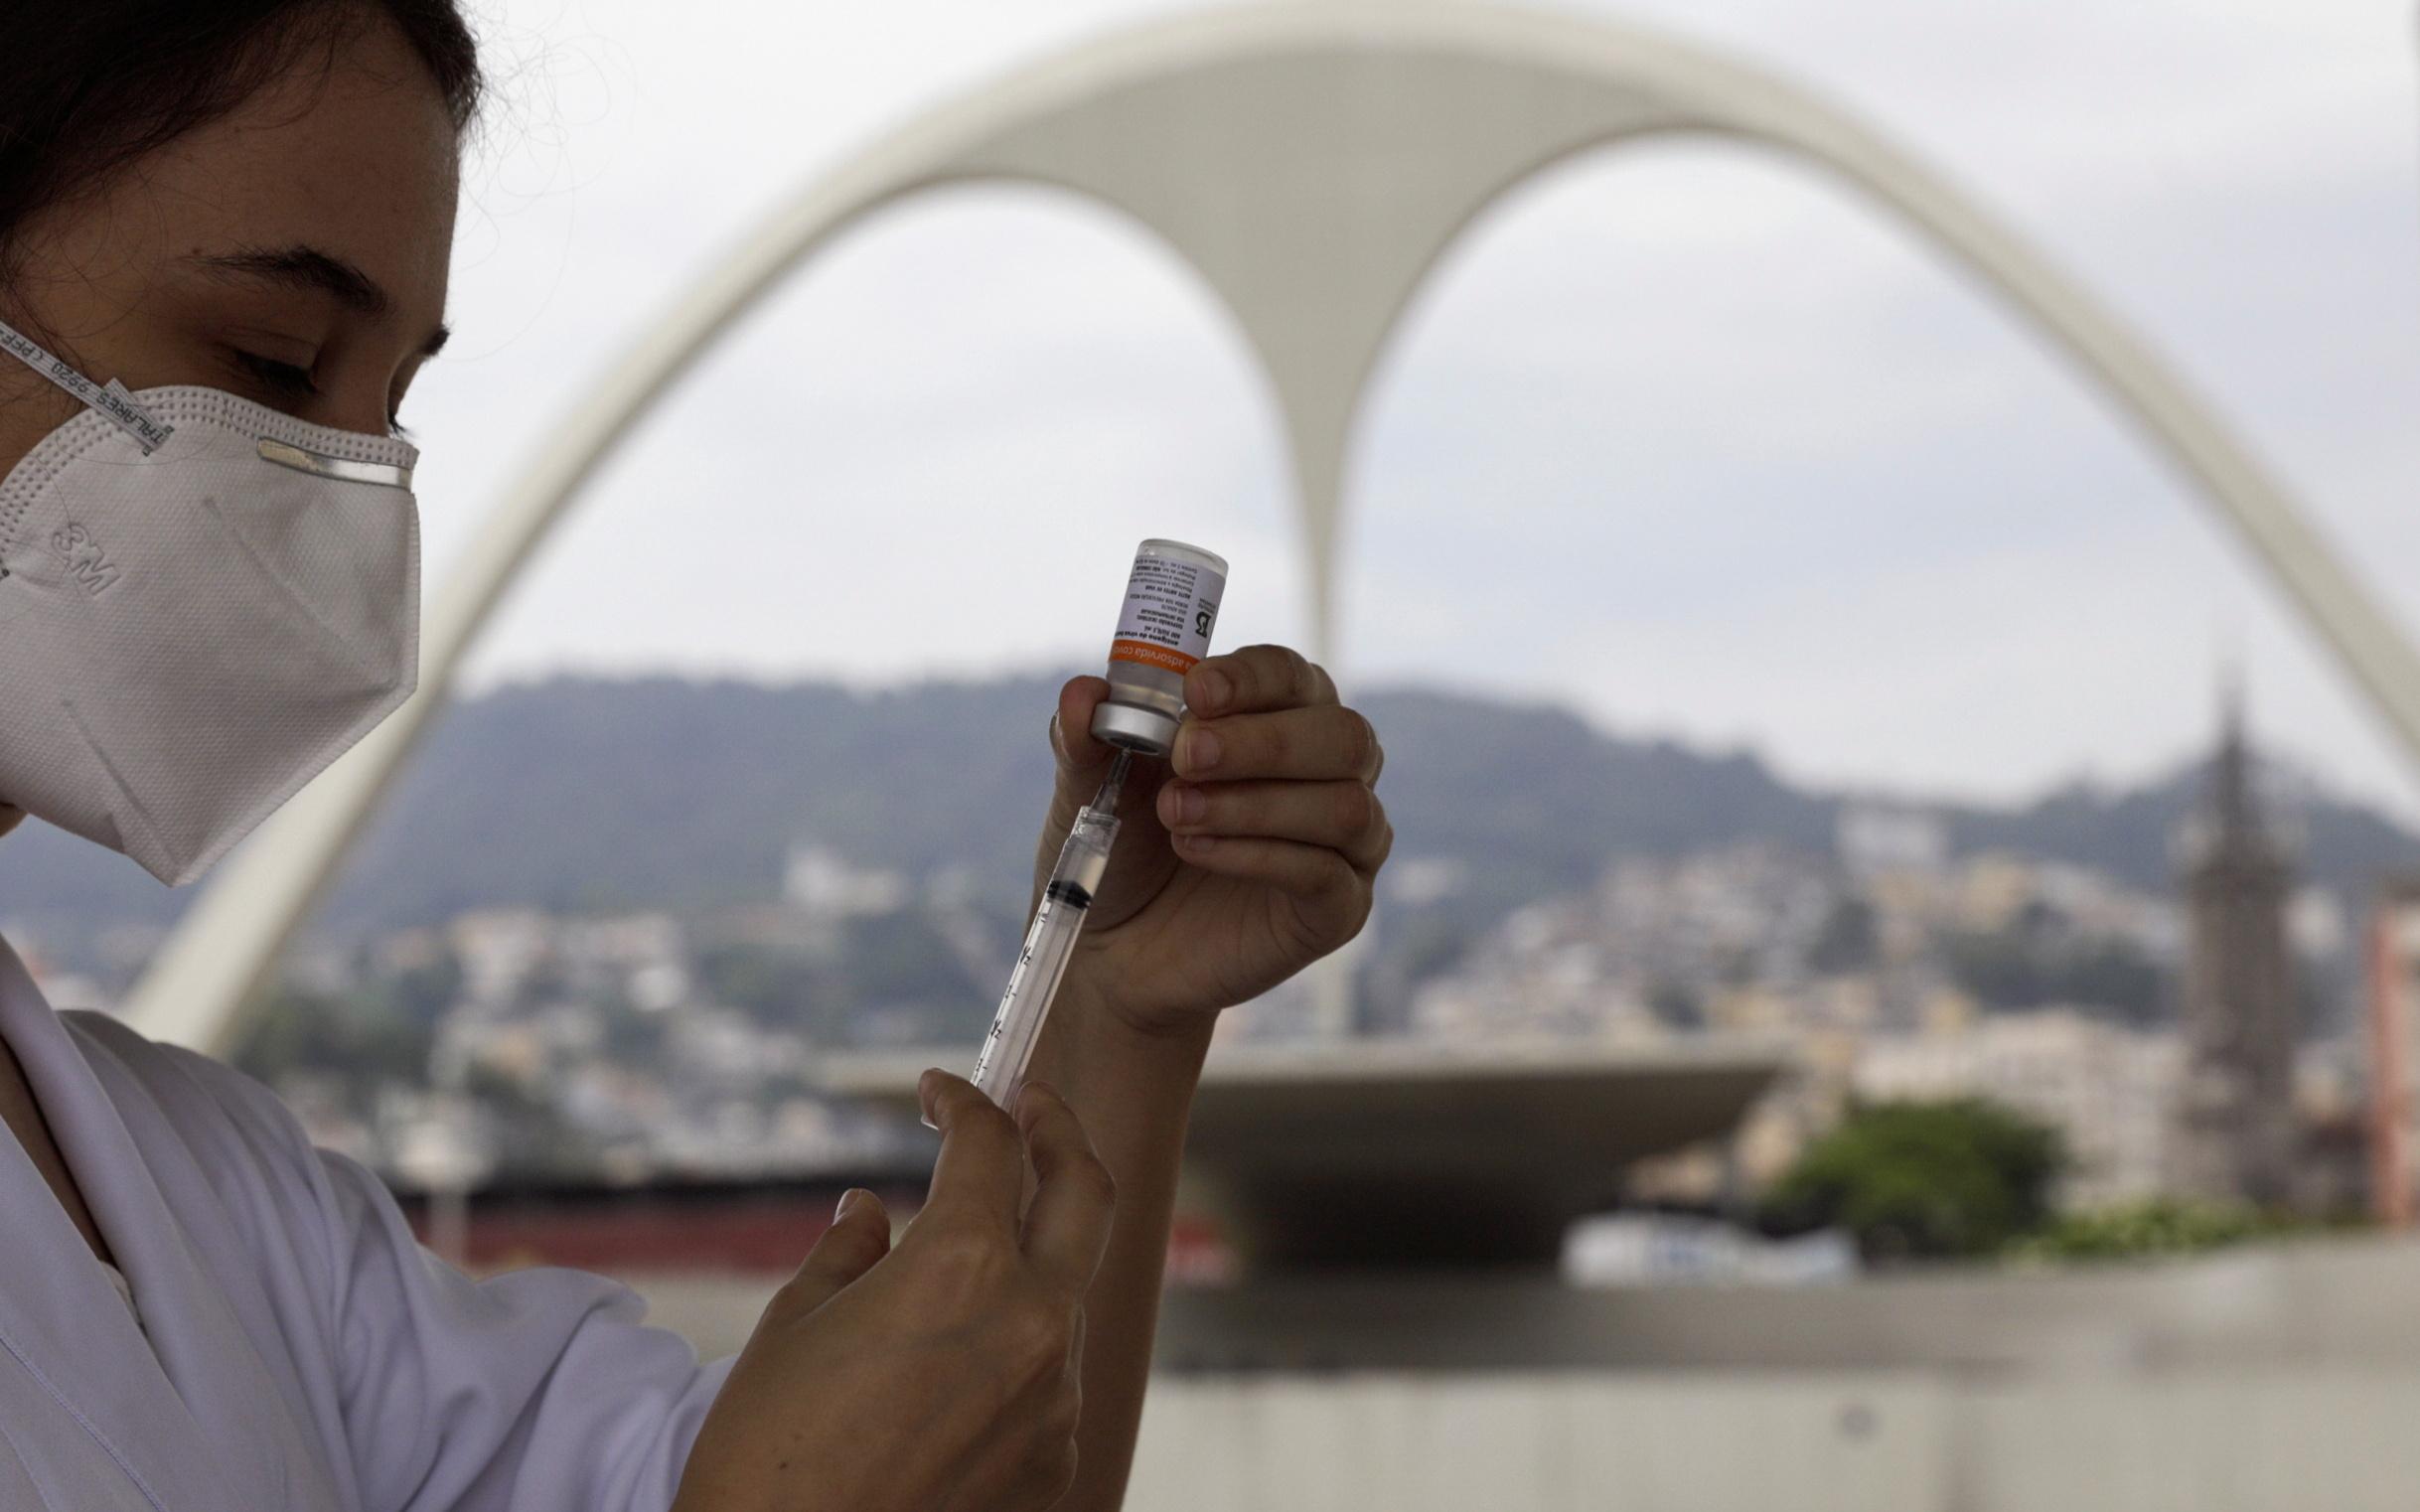 O Sambódromo no centro do Carnaval de cada ano foi transformado em um local de vacinação no Rio de Janeiro, Brasil.